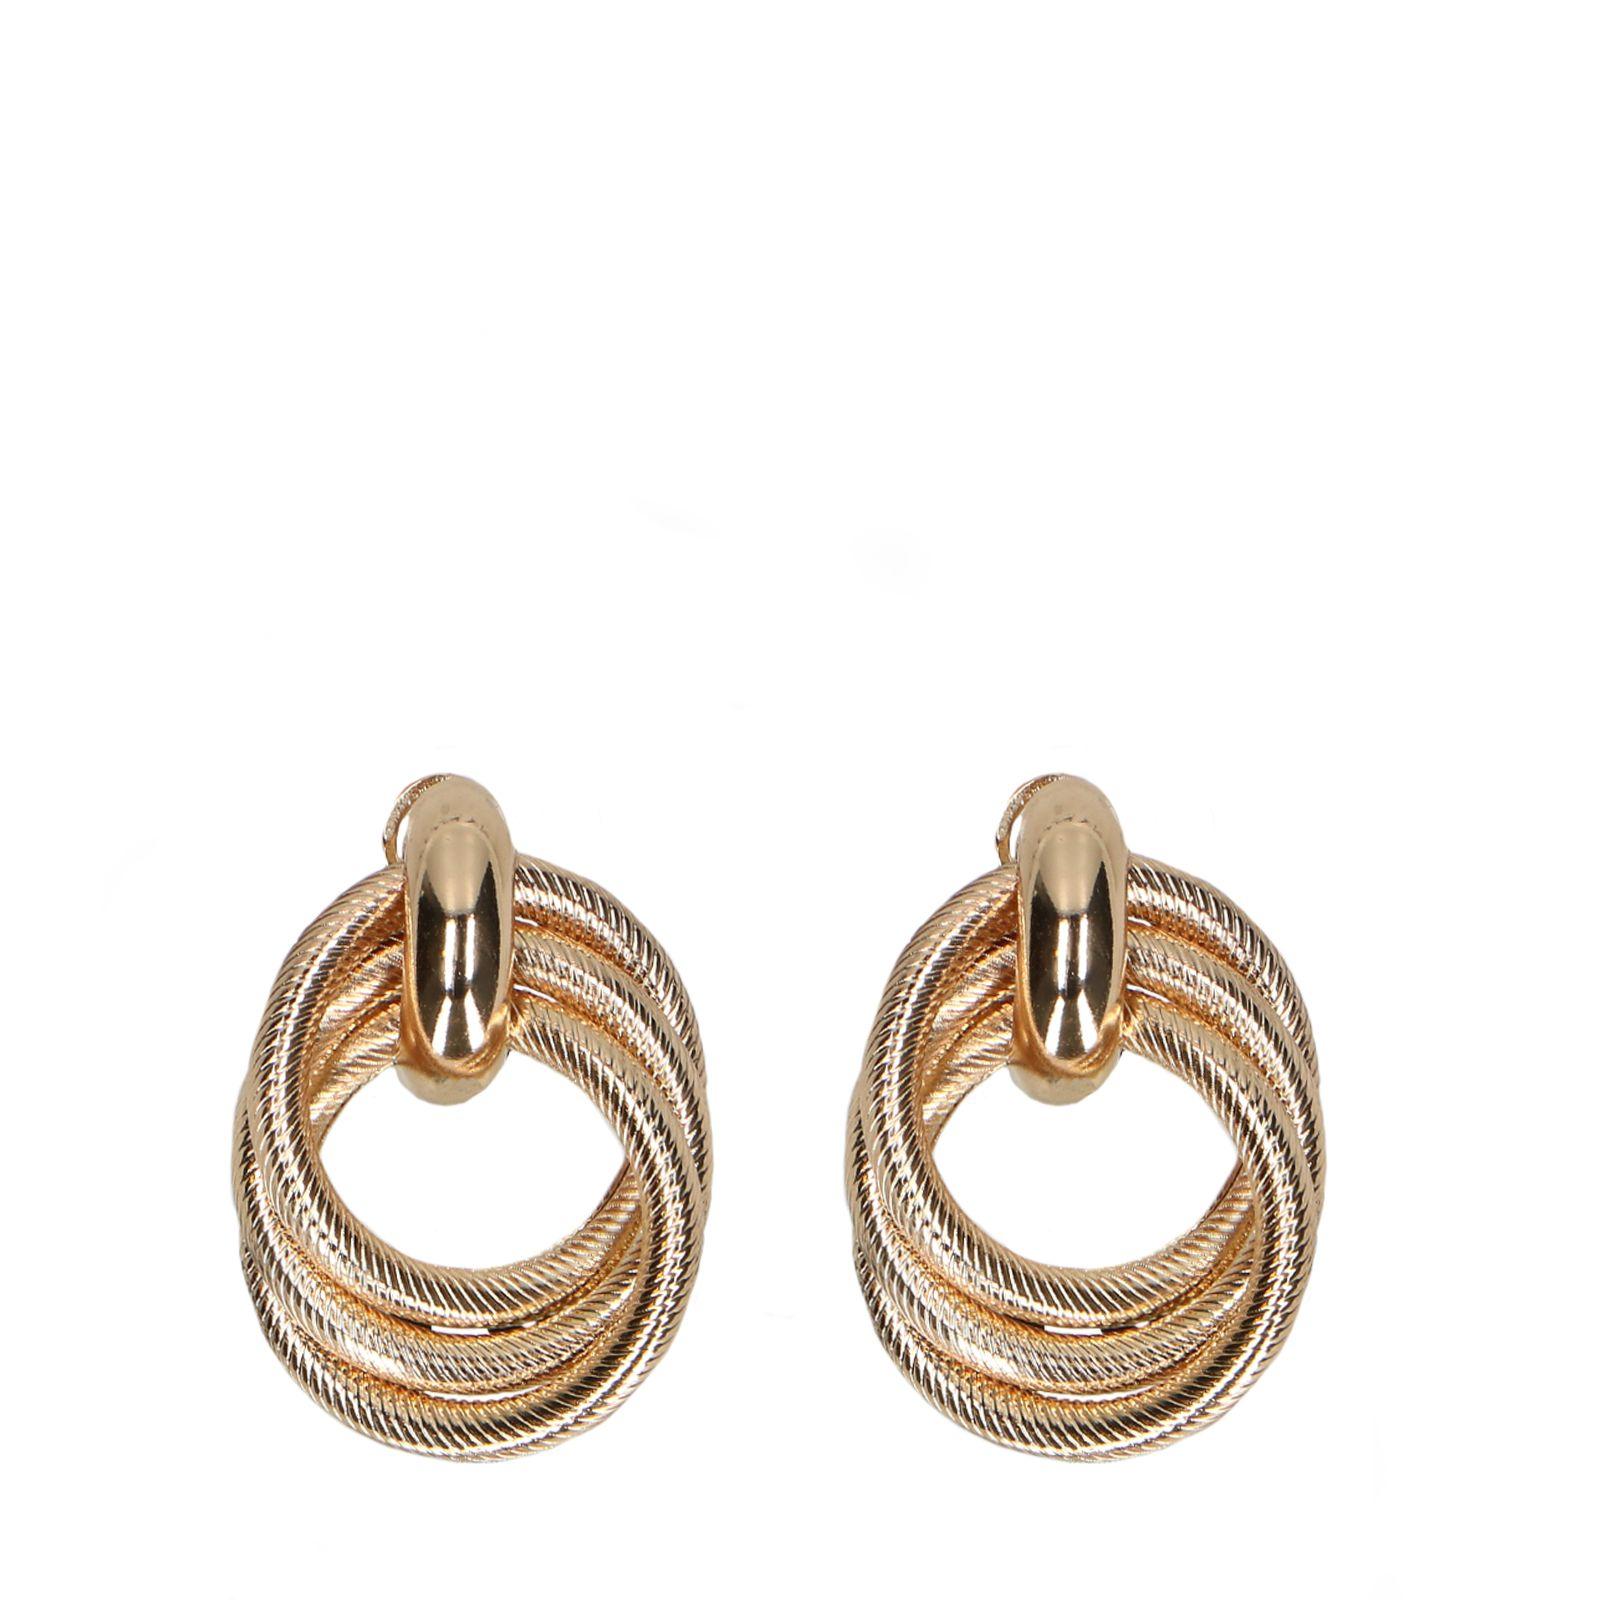 accessoires boucle d'oreille